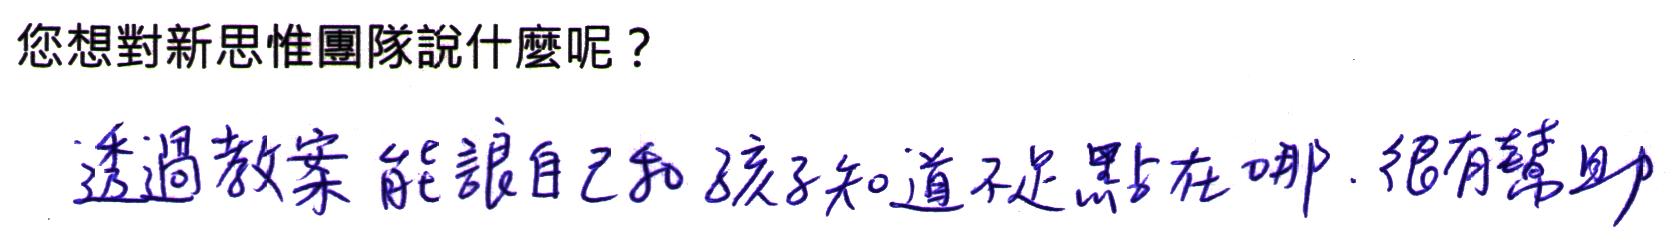 20190113_feedback_00002